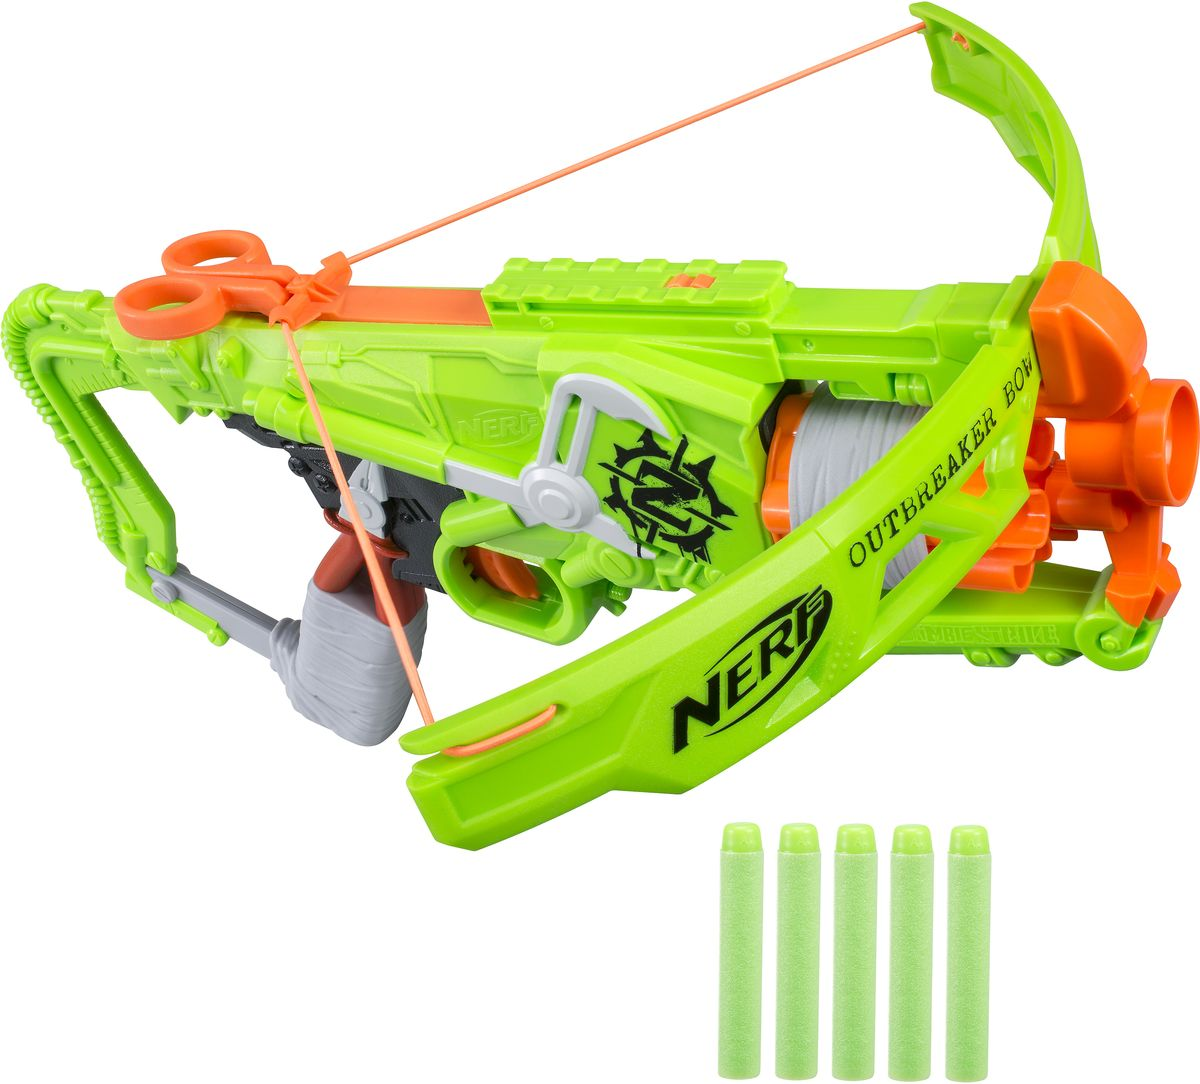 Nerf Бластер Зомби Страйк Аутбрейкер B9093EU6 - Игрушечное оружие